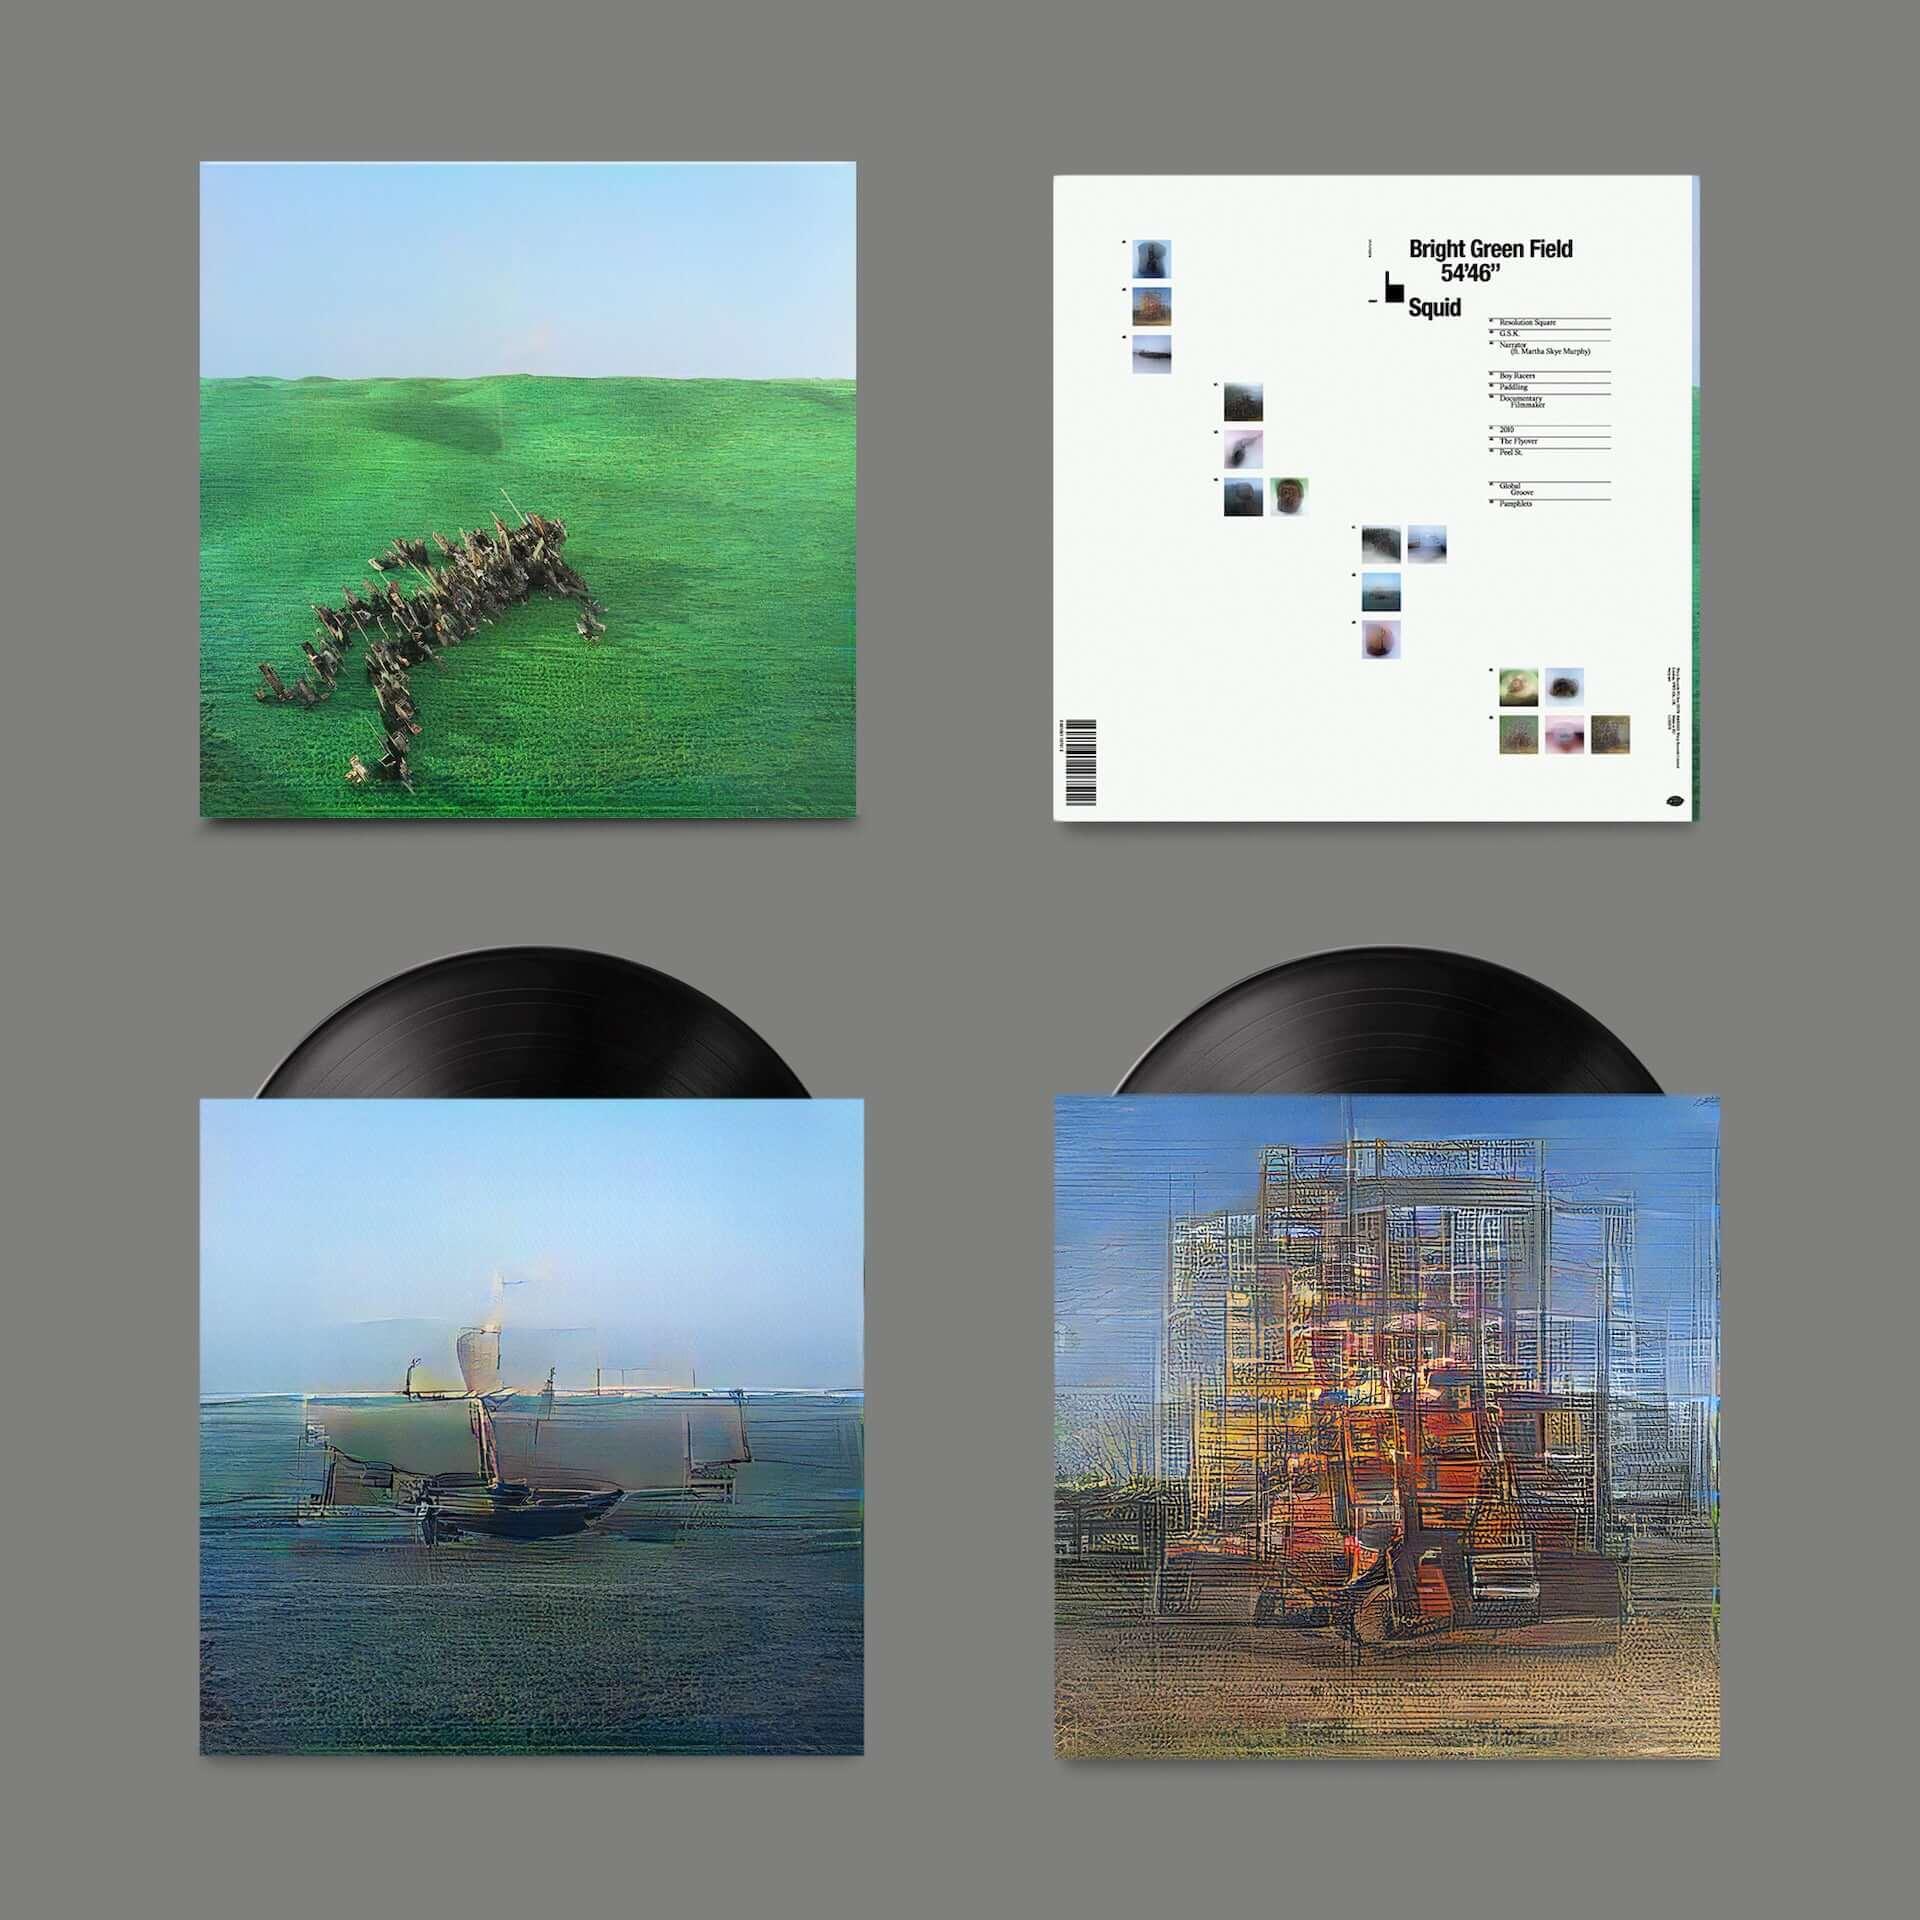 """次世代UKロックシーンの注目バンド・Squidがデビューアルバム『Bright Green Field』をリリース決定!収録曲""""Narrator""""MVが解禁 music210128_squid_3-1920x1920"""